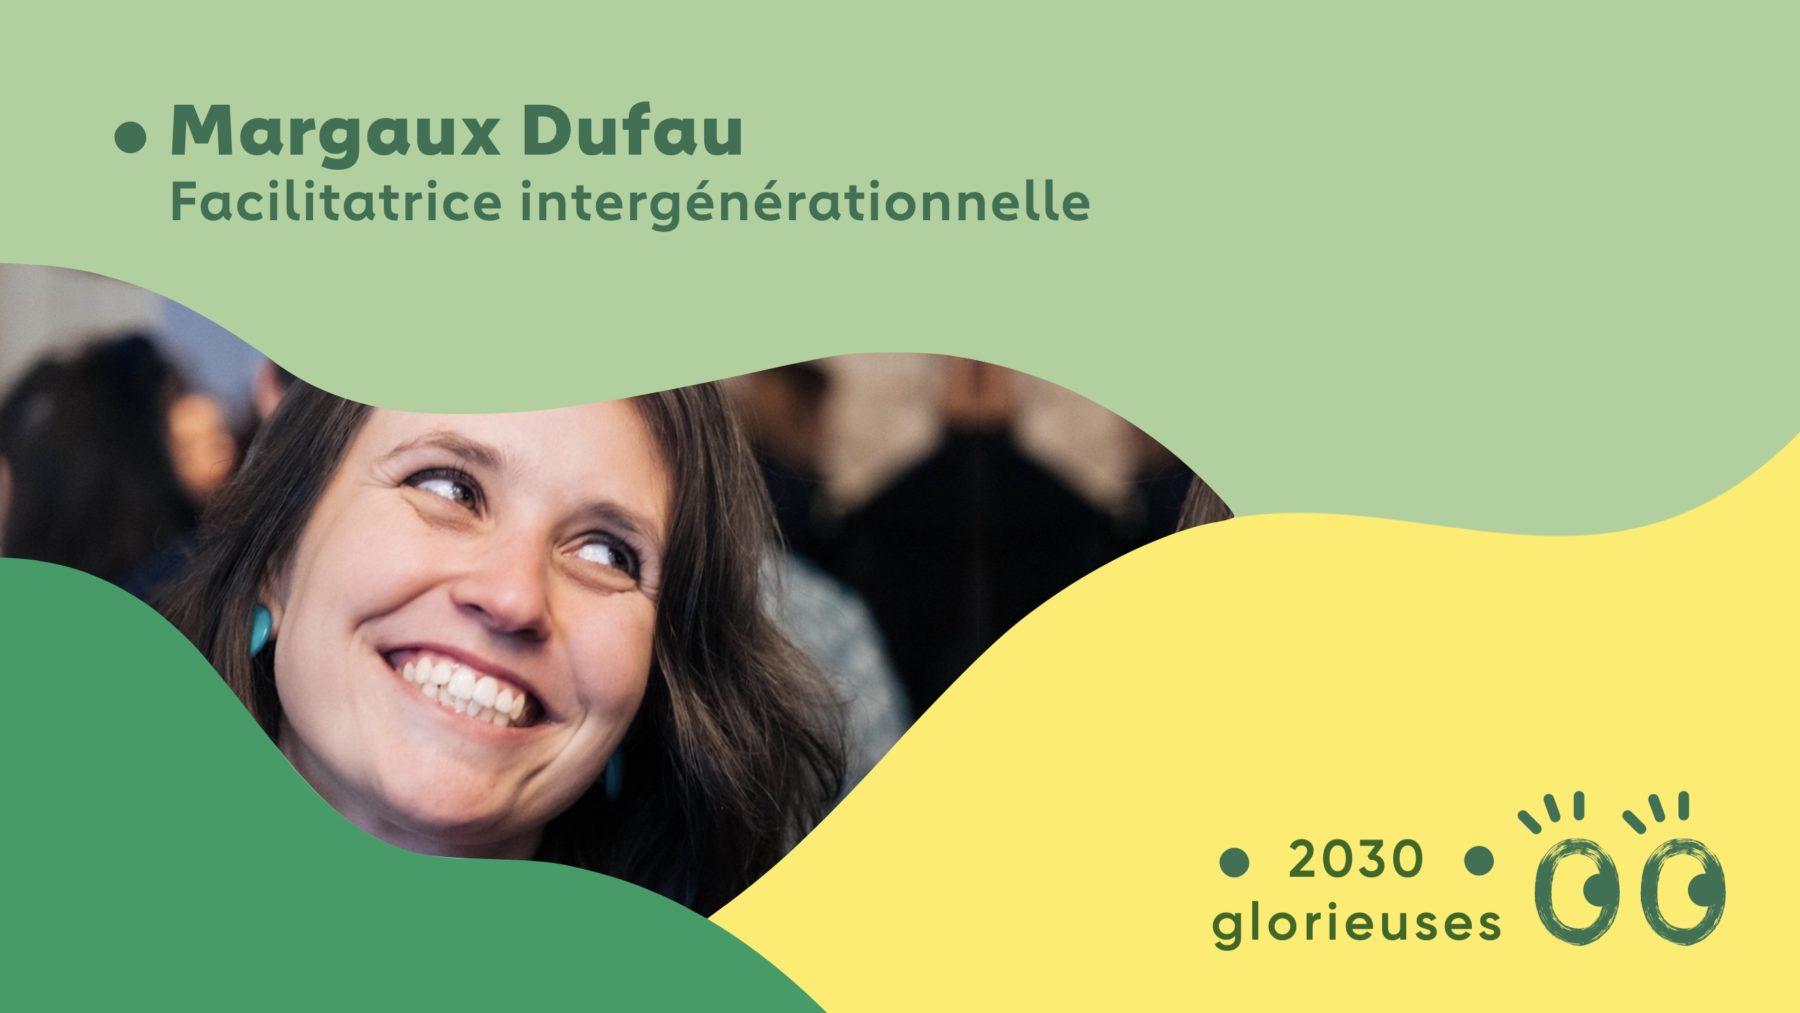 """2030 Glorieuses #25 : Margaux Dufau : """"Les seniors doivent être impliqués dans la construction d'un rêve commun"""""""